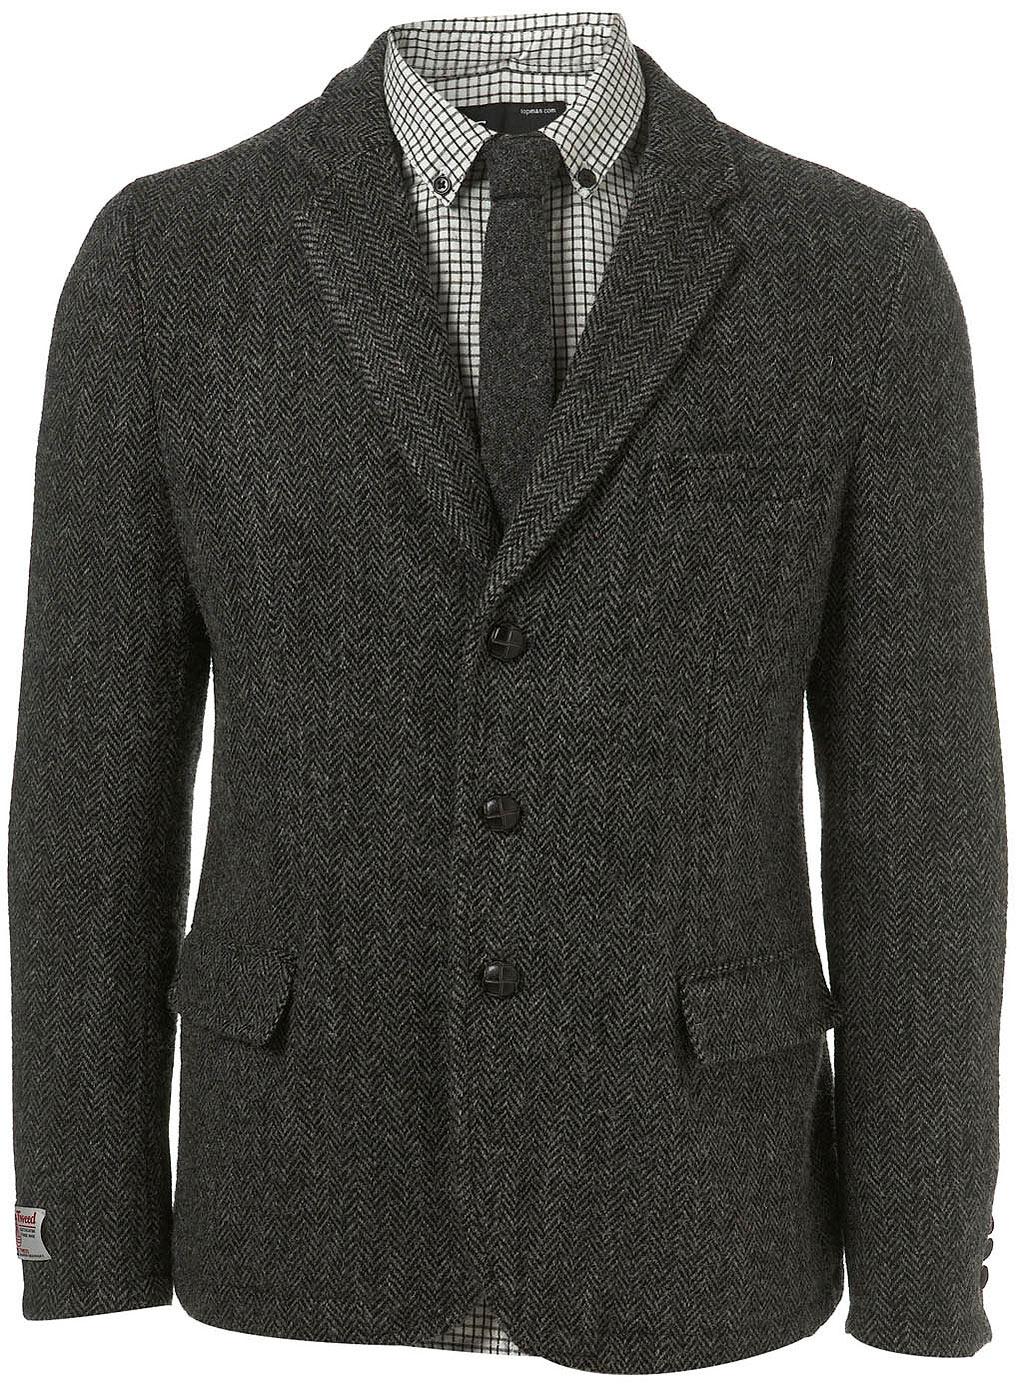 Topman+Harris+Tweed+Grey+Herringbone+Jacket+%2524360.jpg